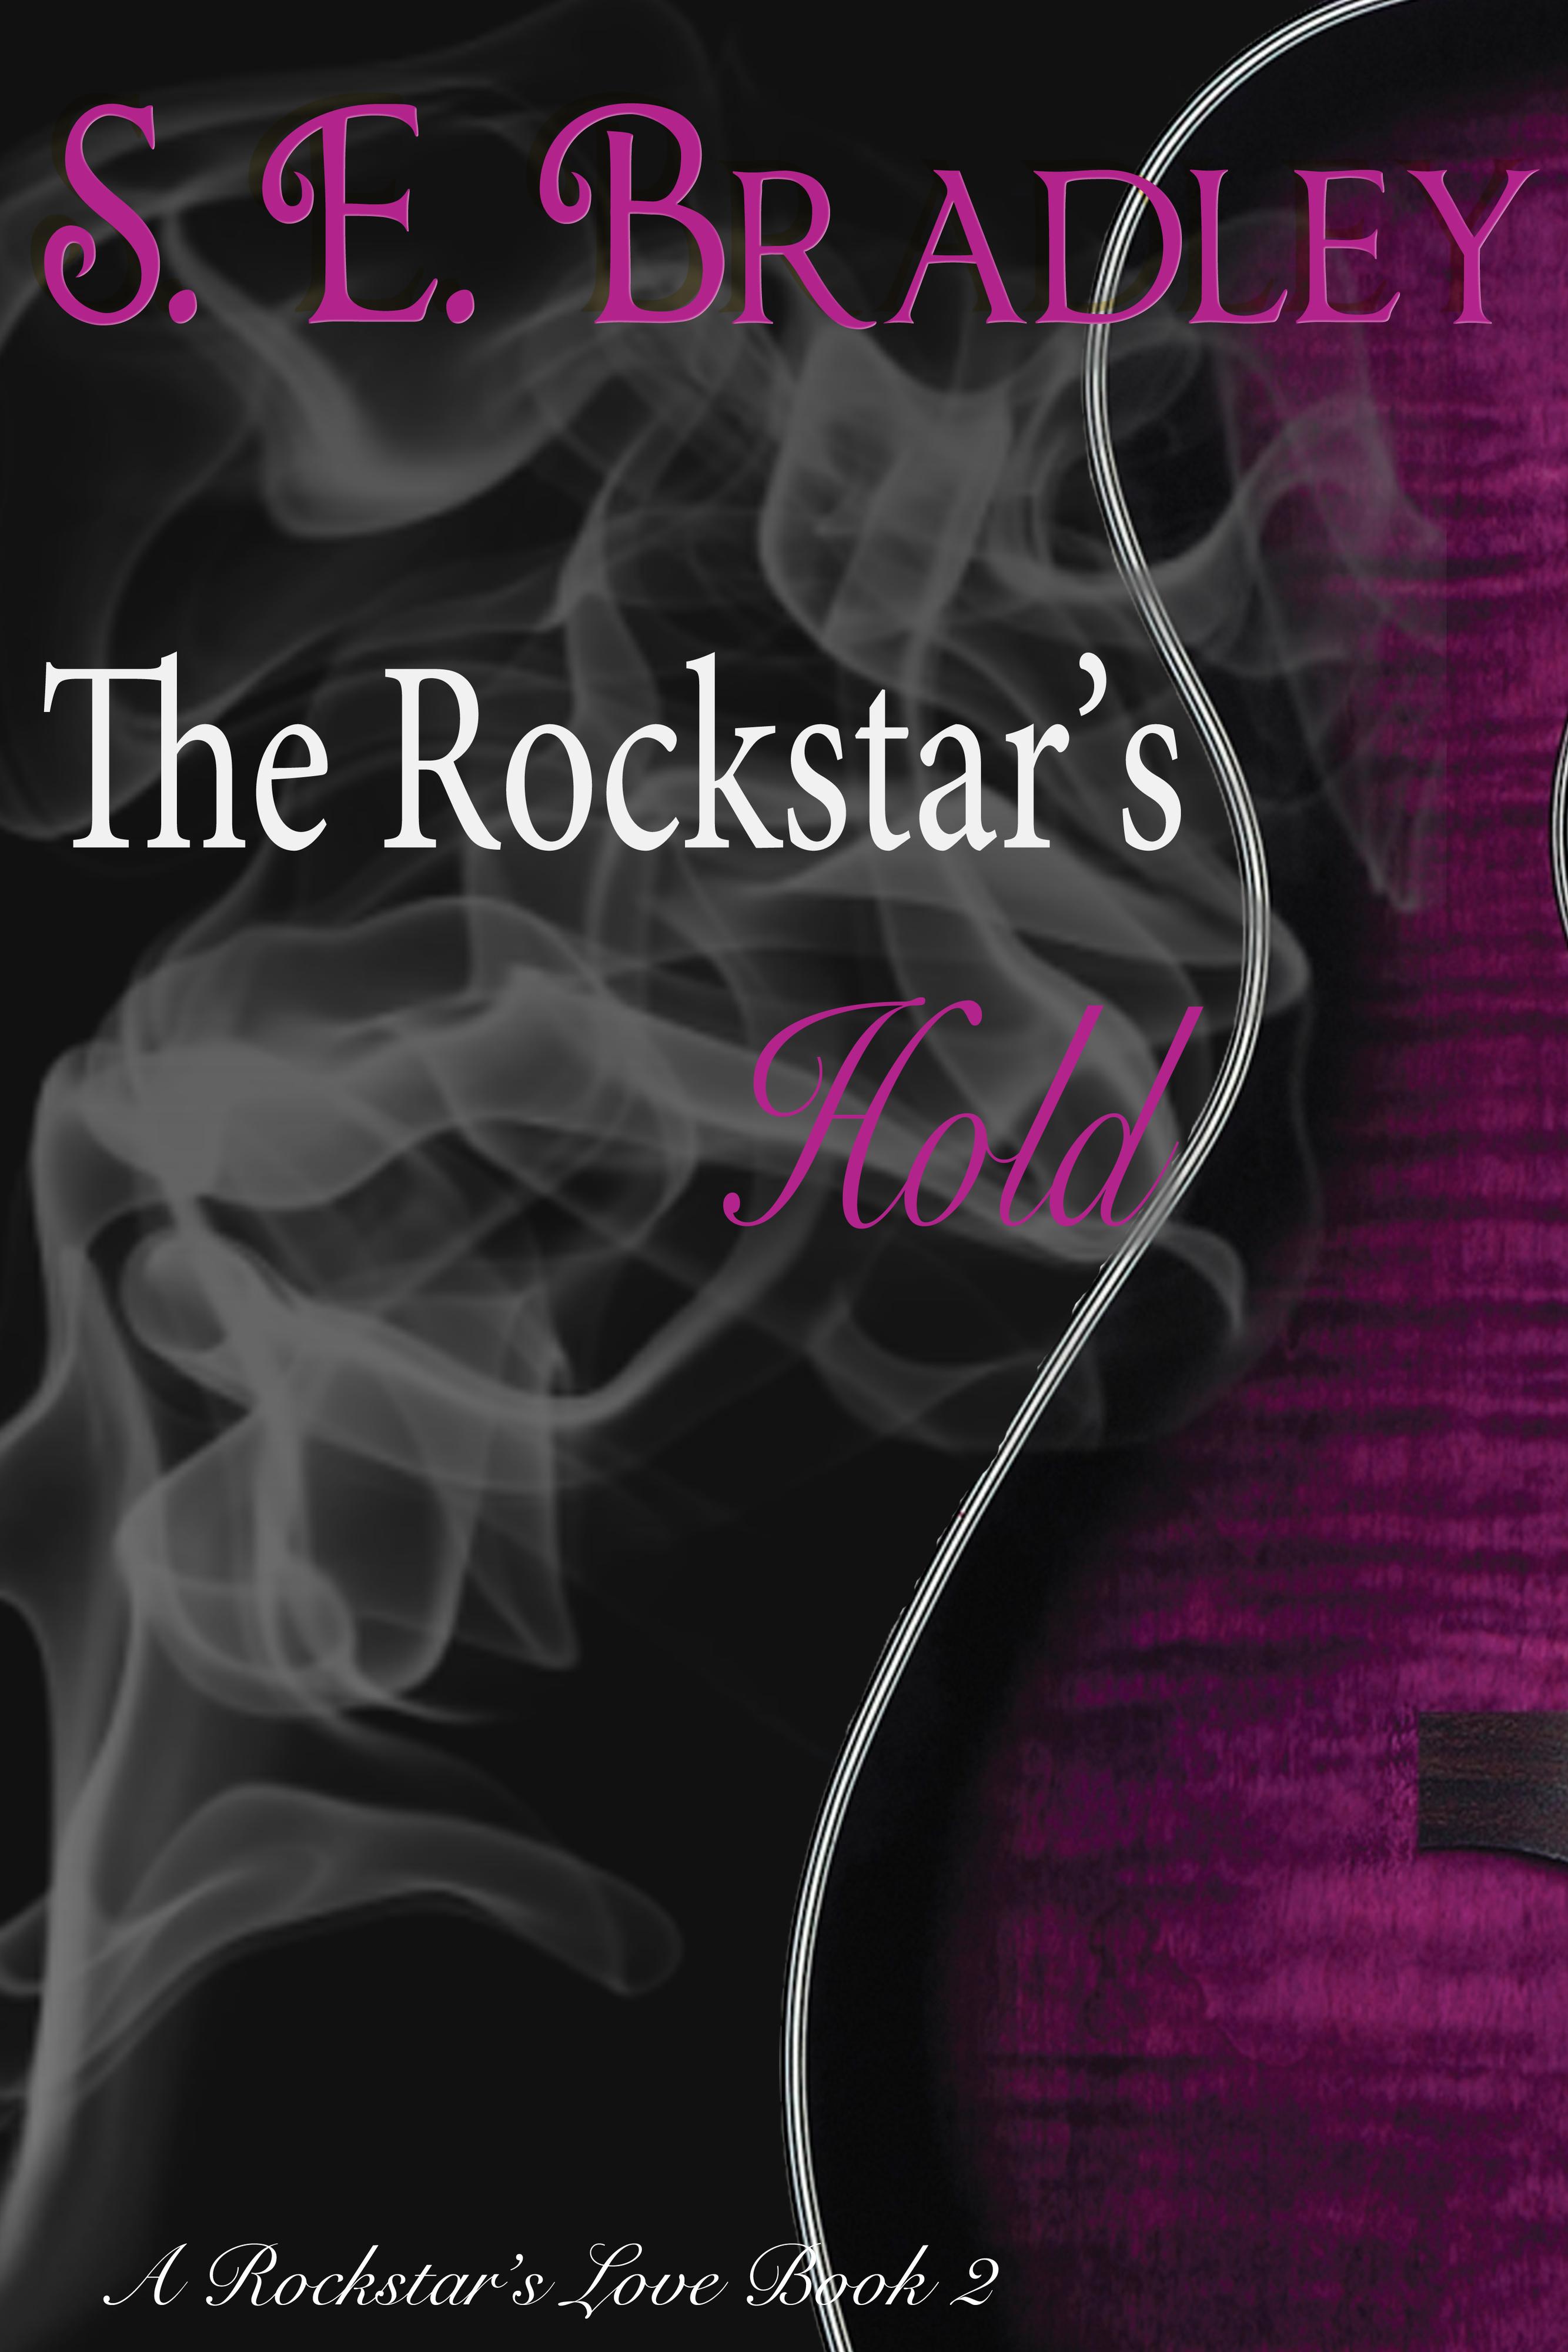 The Rockstars Hold  by  S. E. Bradley